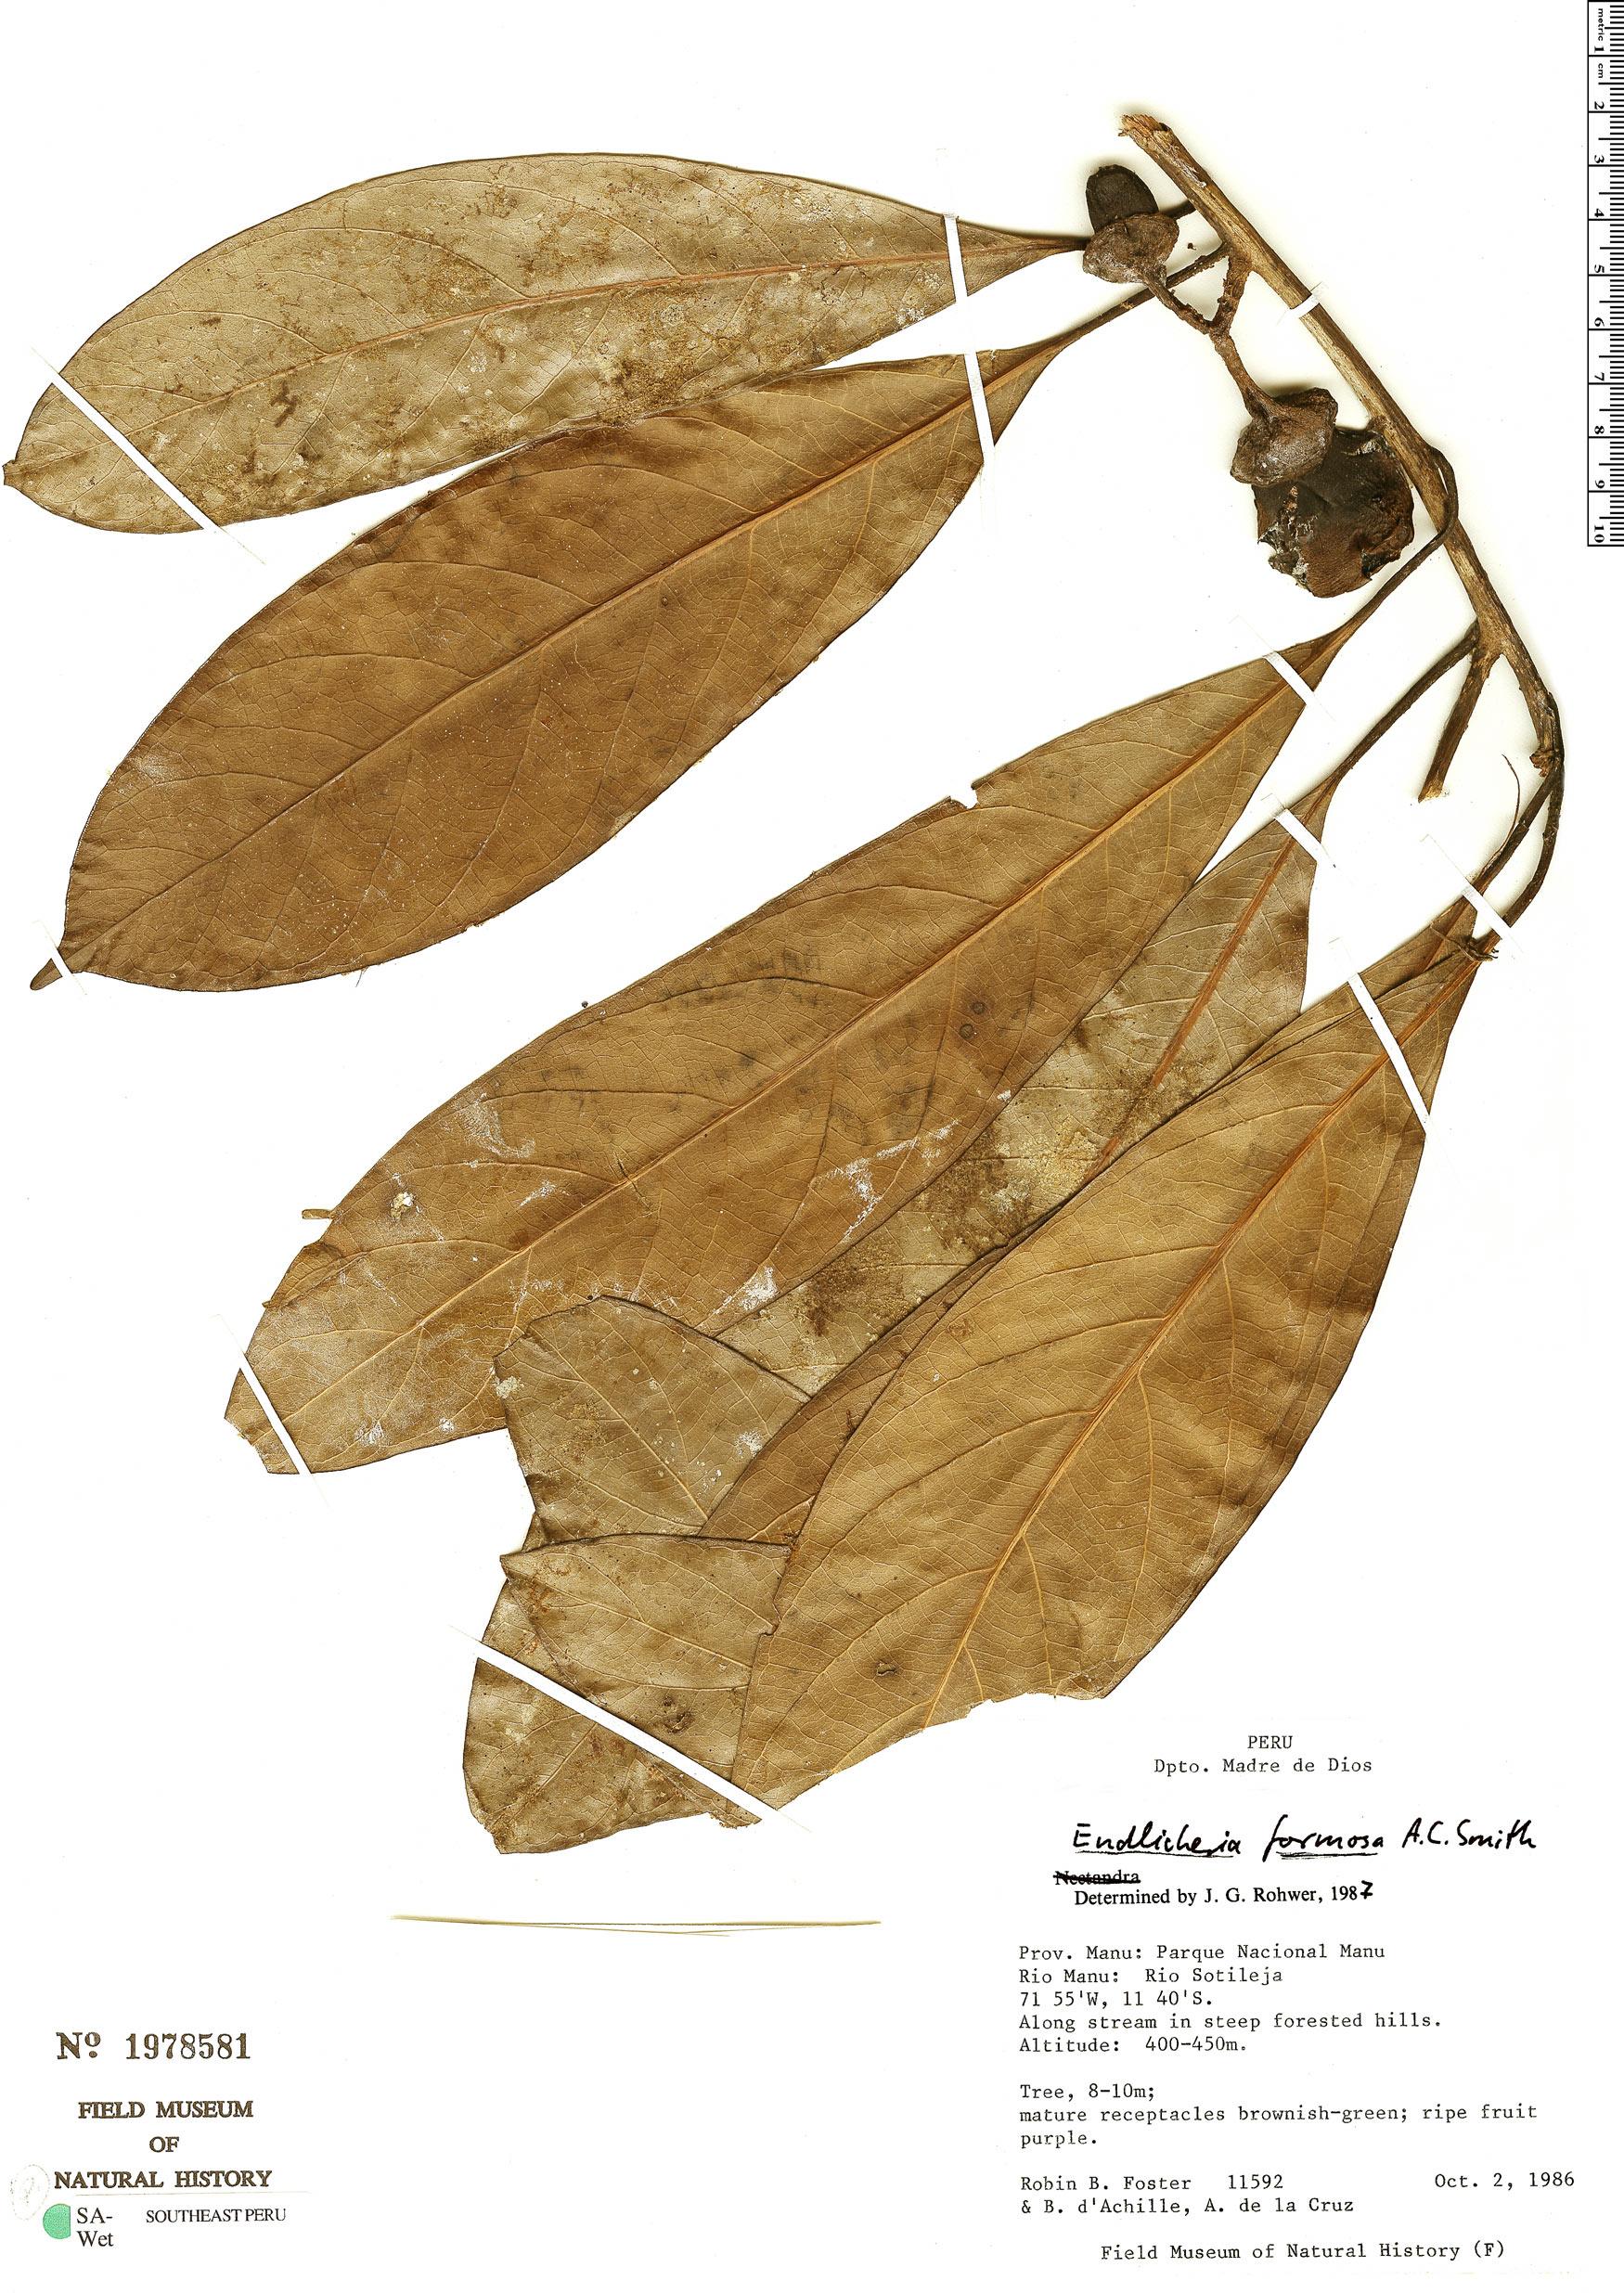 Specimen: Endlicheria formosa